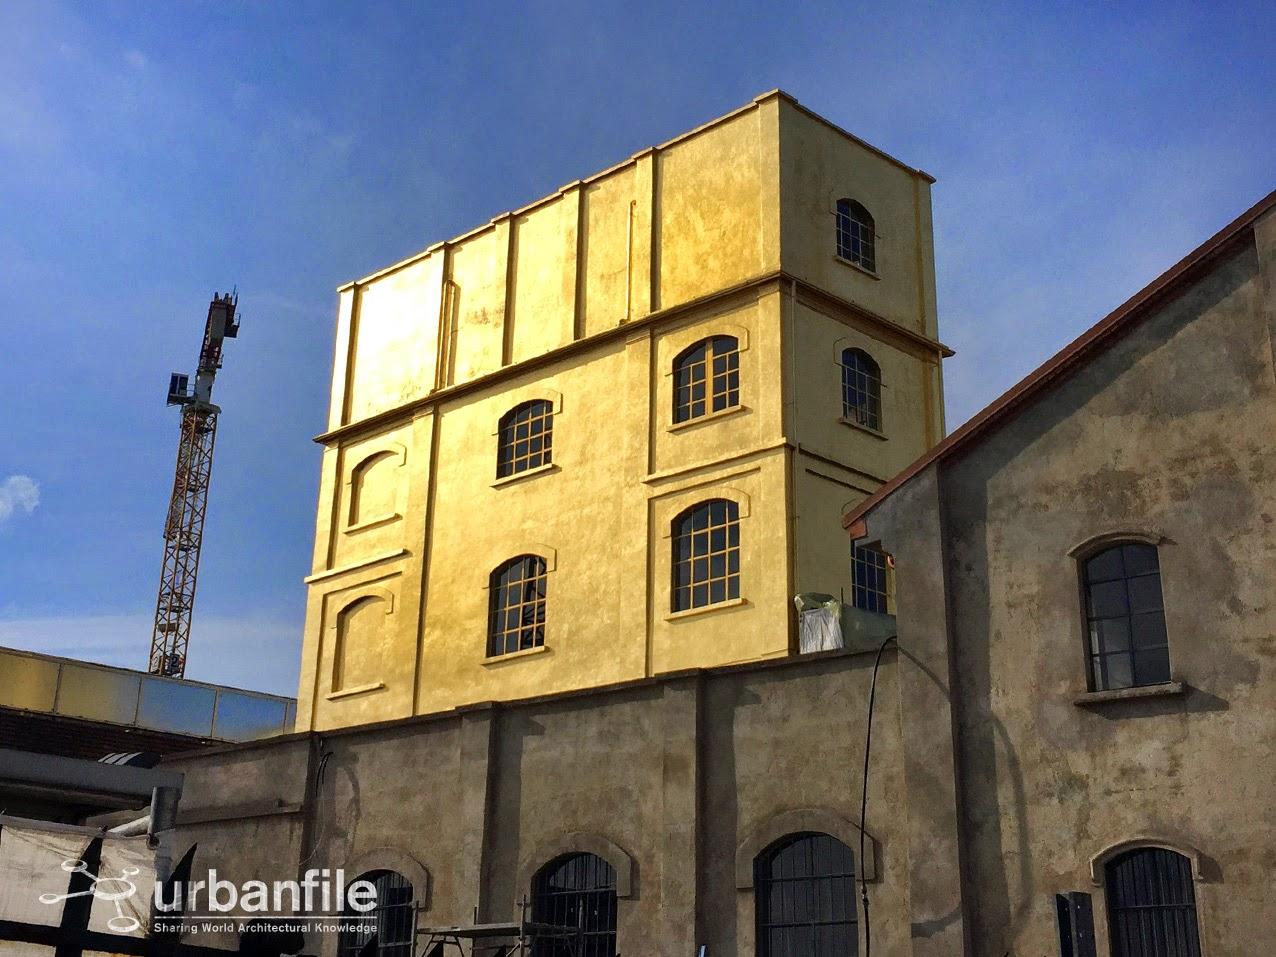 Zona ripamonti fondazione prada aggiornamenti a fine for Fondation prada milan